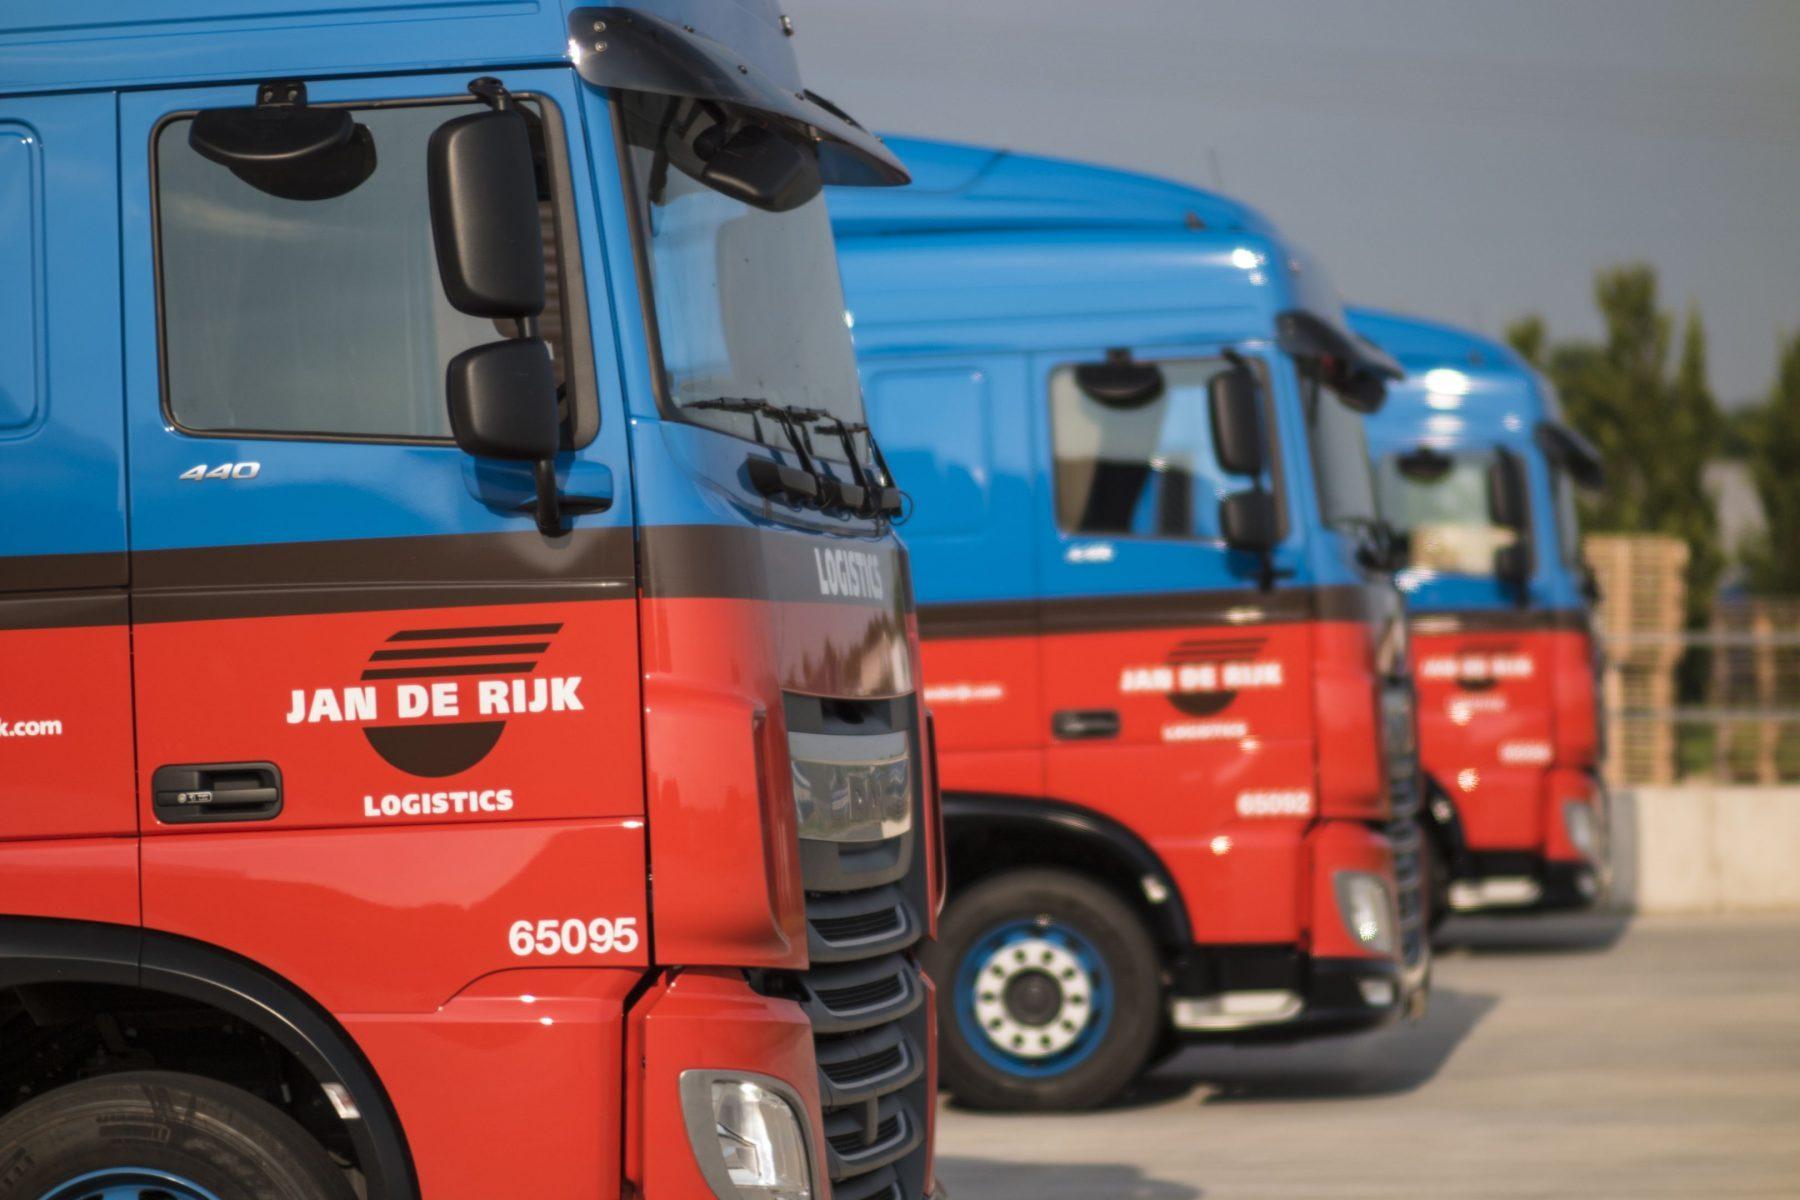 Trucks Jan de Rijk Logistics